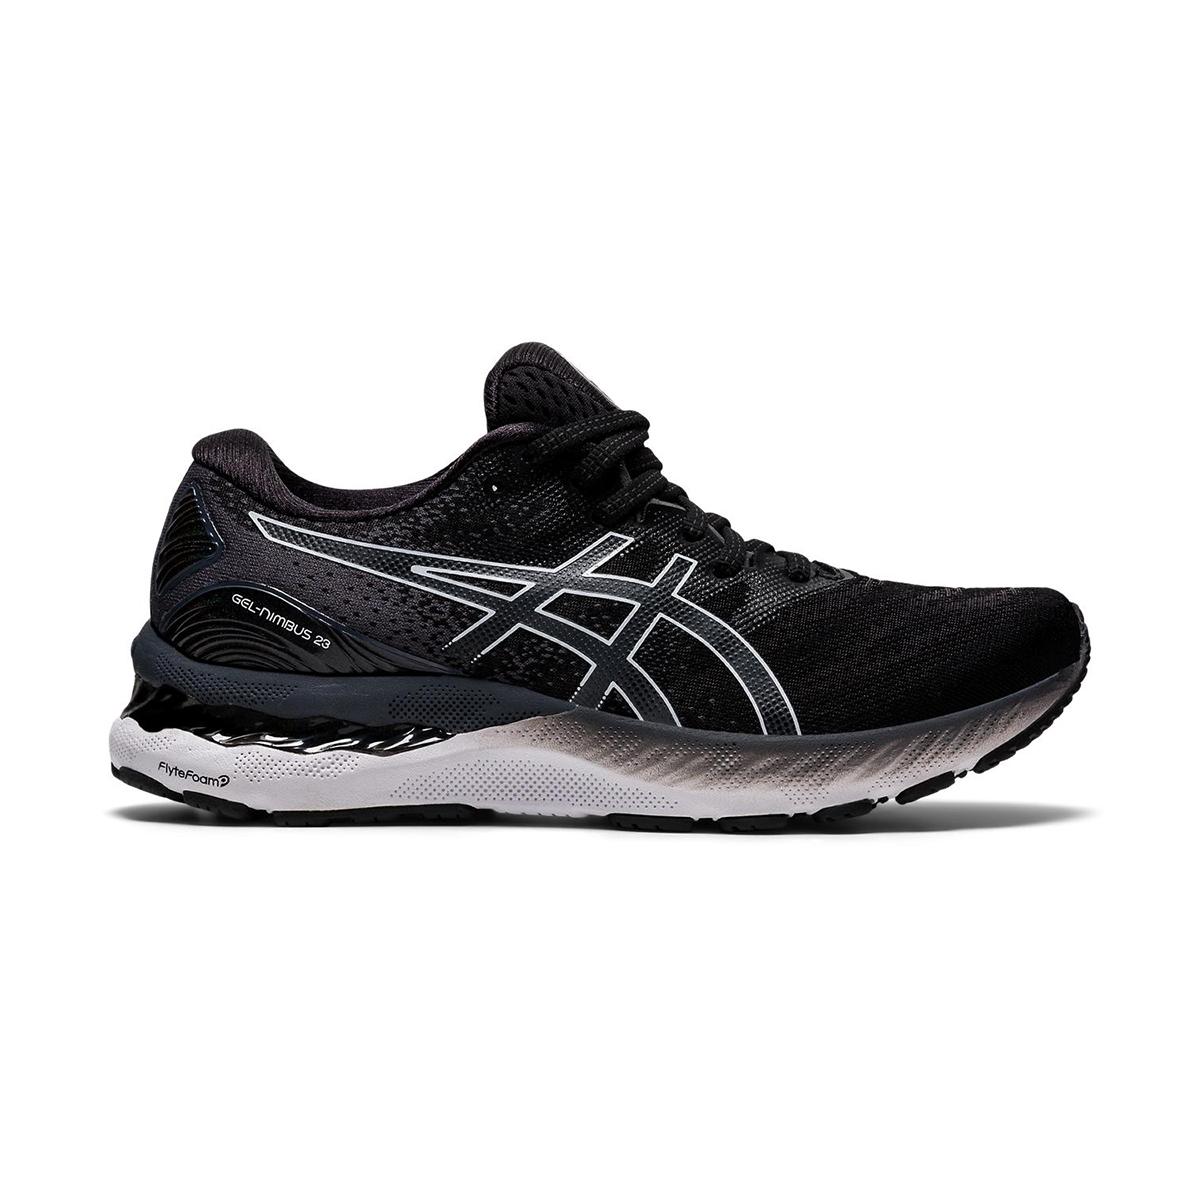 Women's Asics GEL-Nimbus 23 Running Shoe, , large, image 1